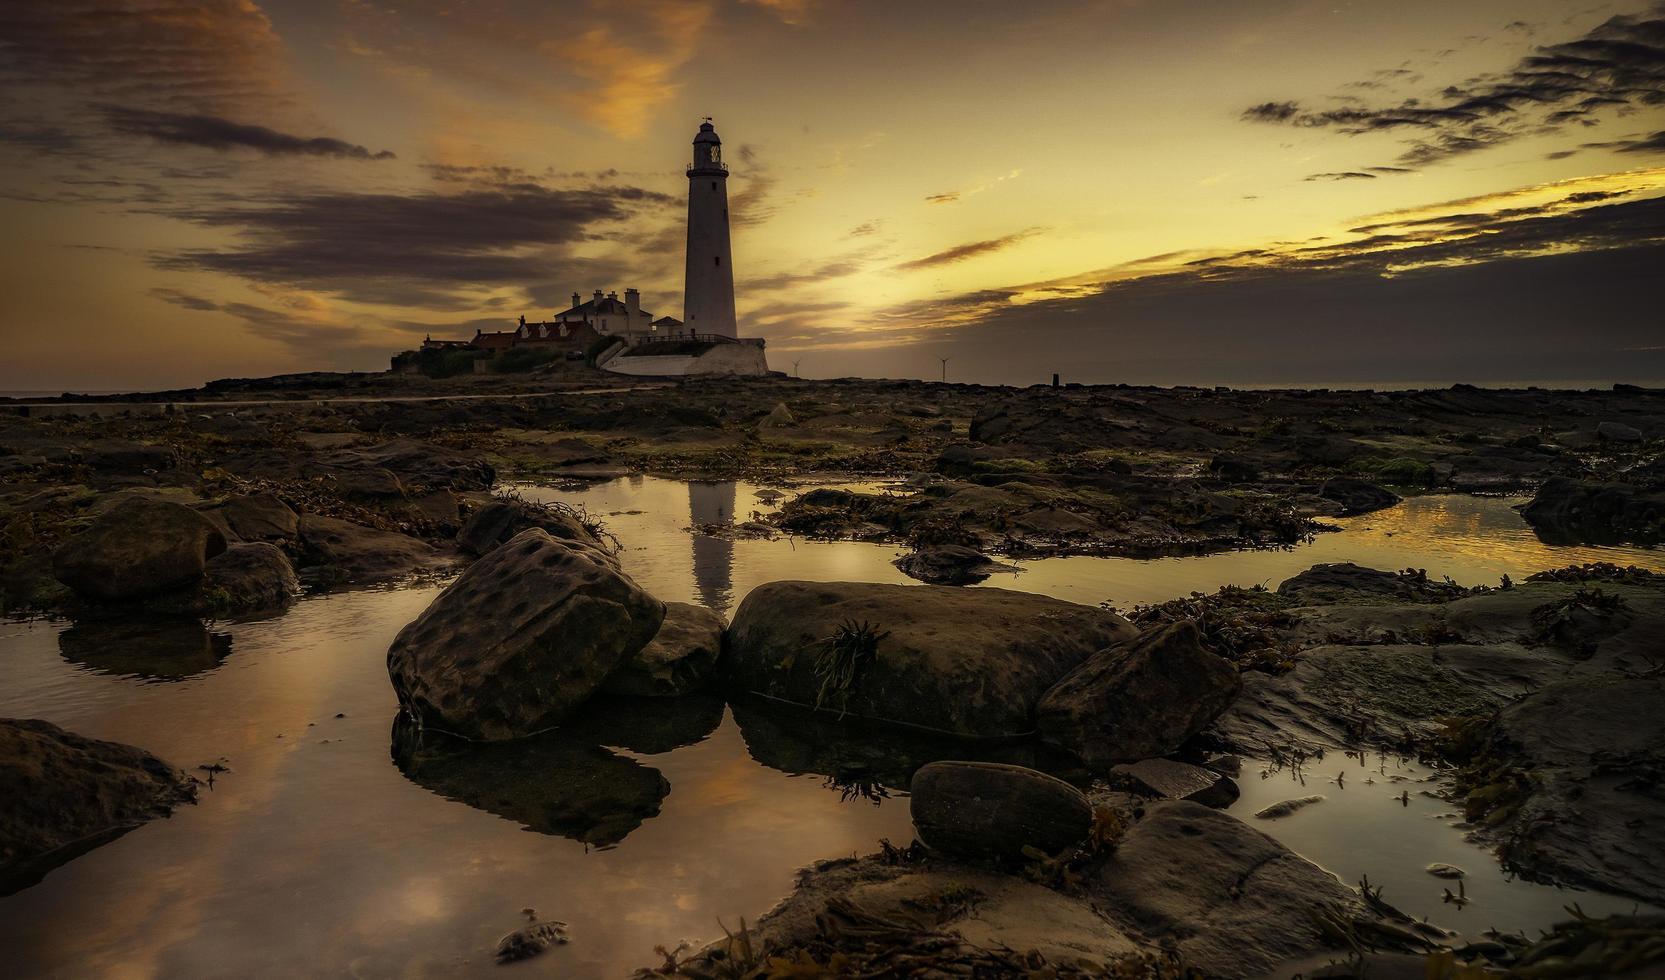 faro sulla costa rocciosa durante il tramonto foto